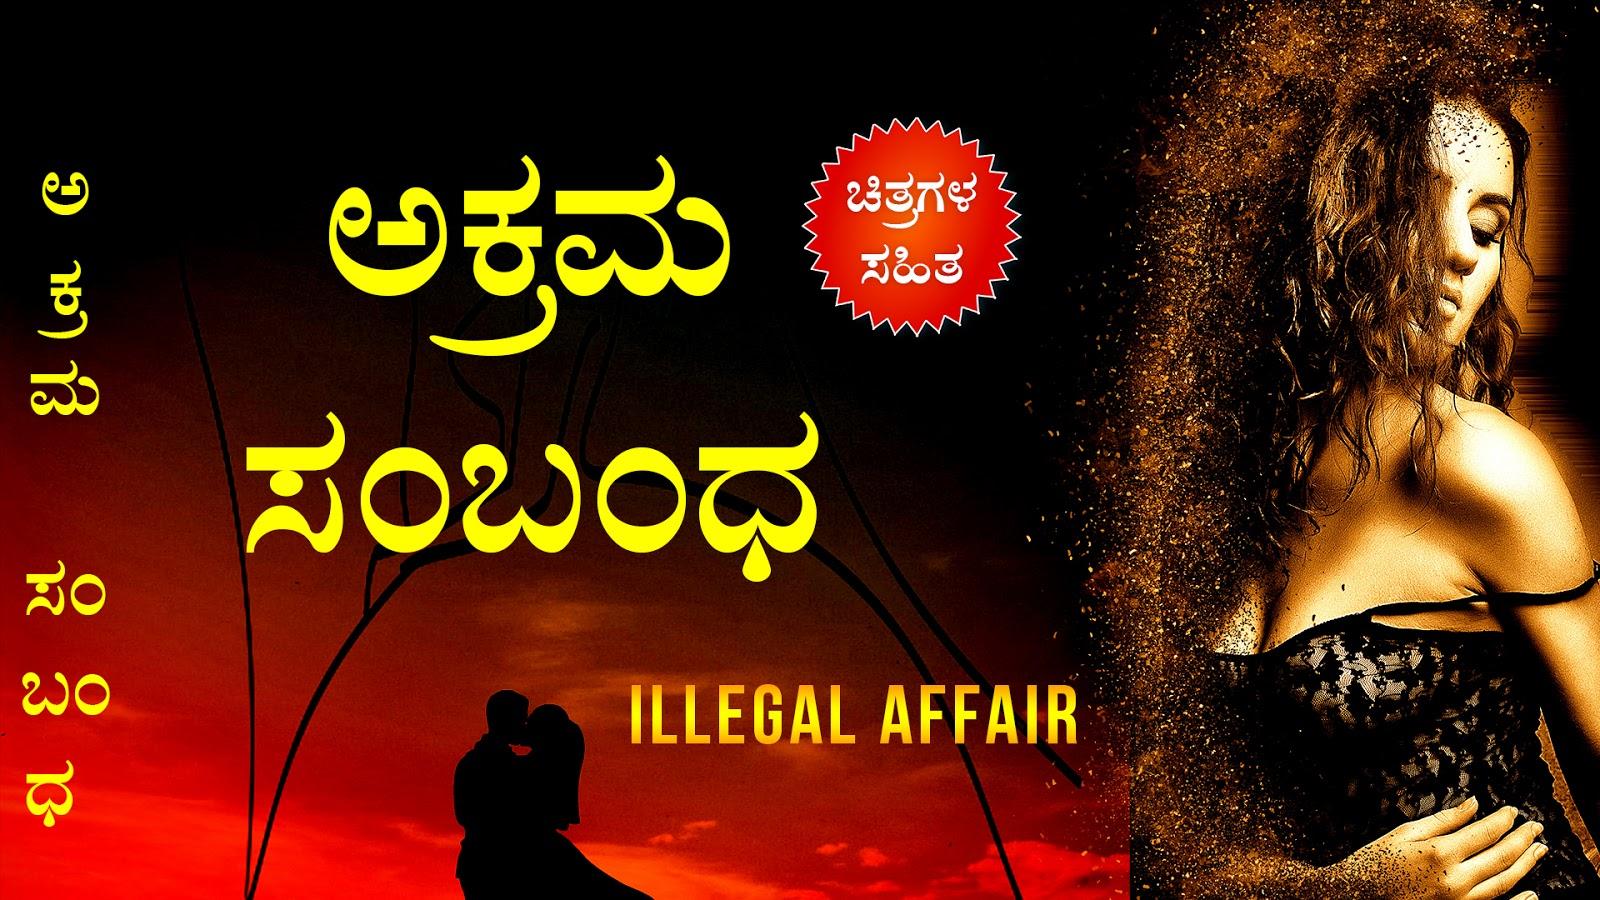 ಅಕ್ರಮ ಸಂಬಂಧ - Illegal Affair - Kannada Romantic Love Story